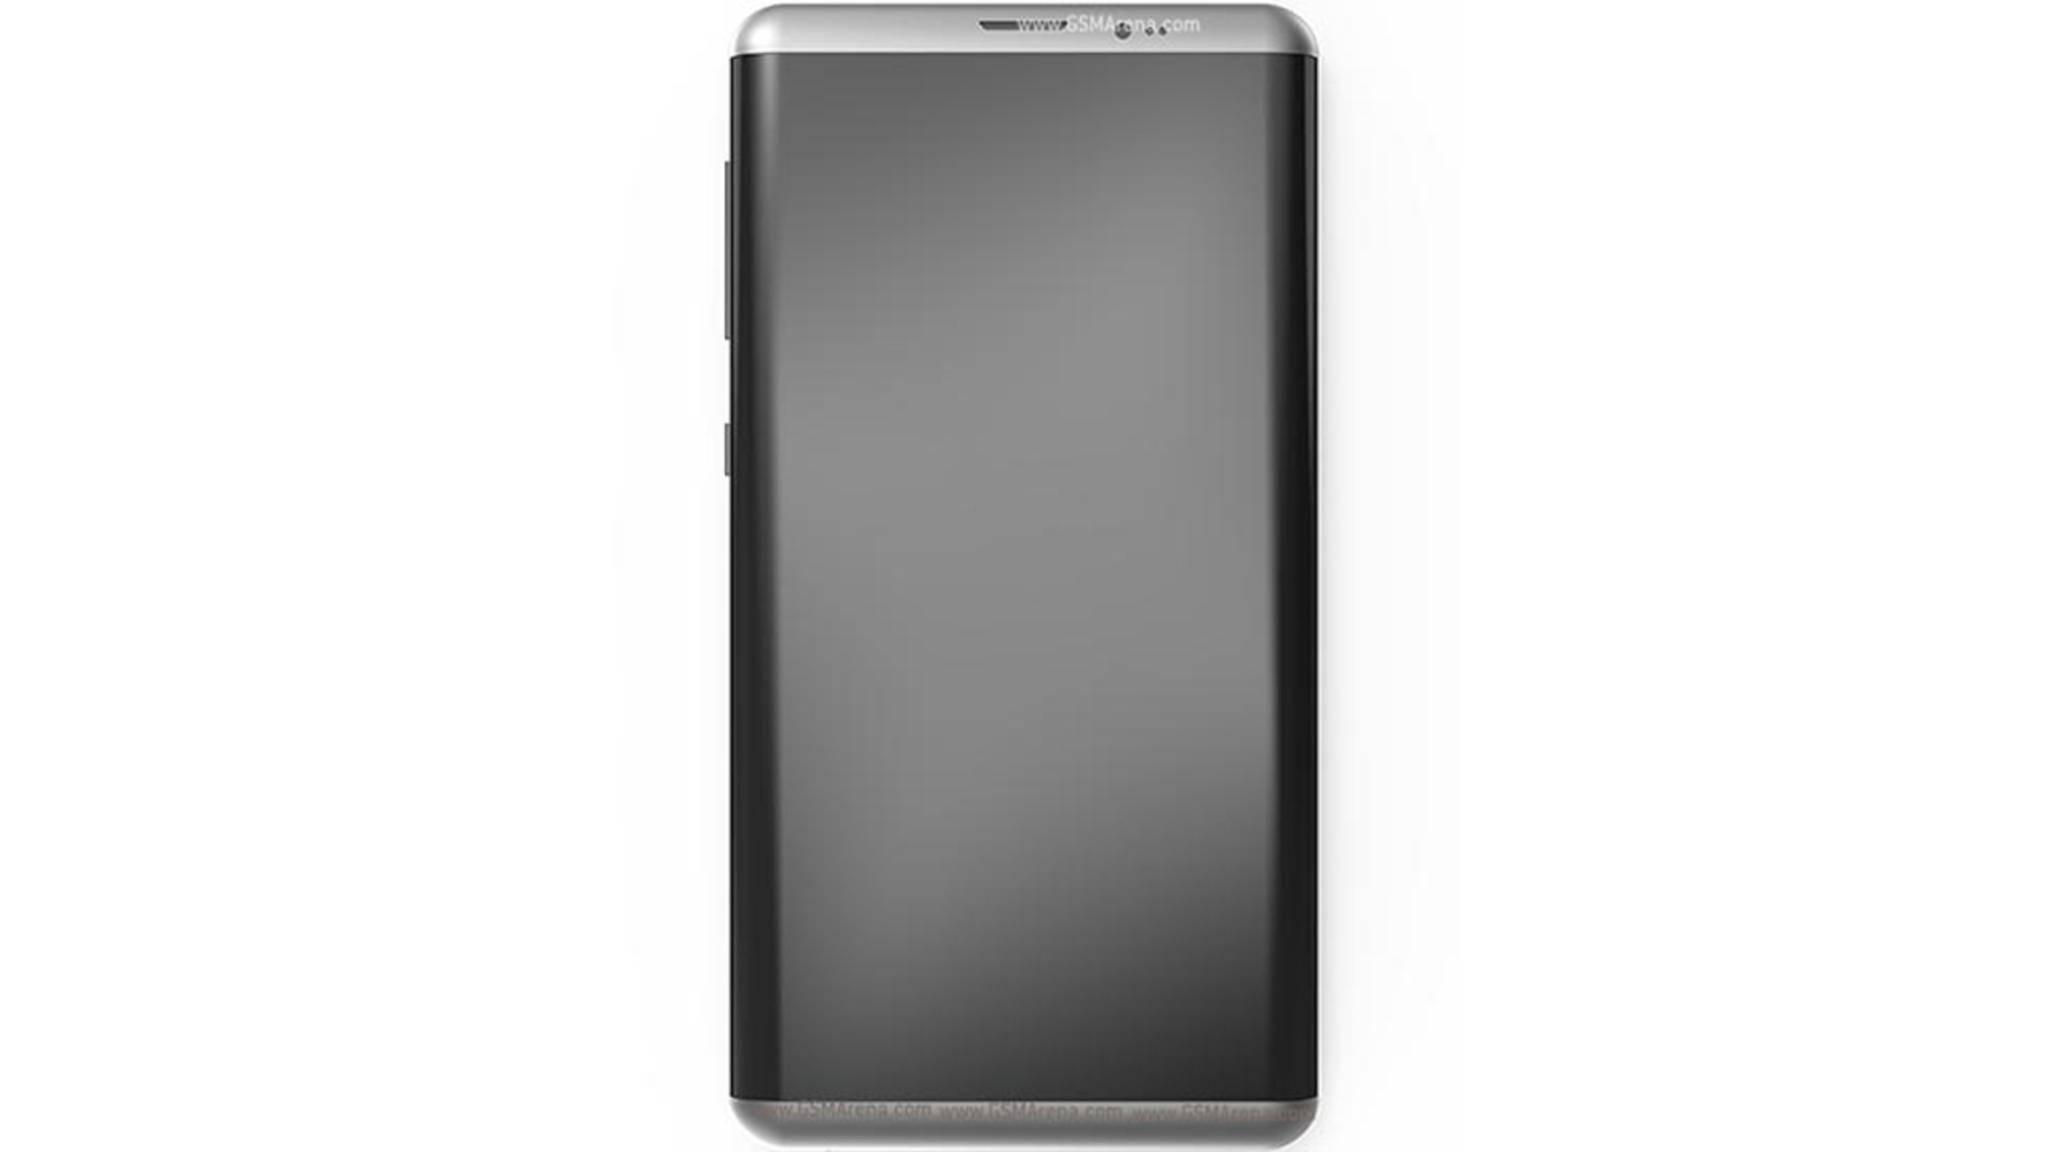 Welche Features wird die Sprach-KI auf dem Samsung Galaxy S8 bieten?